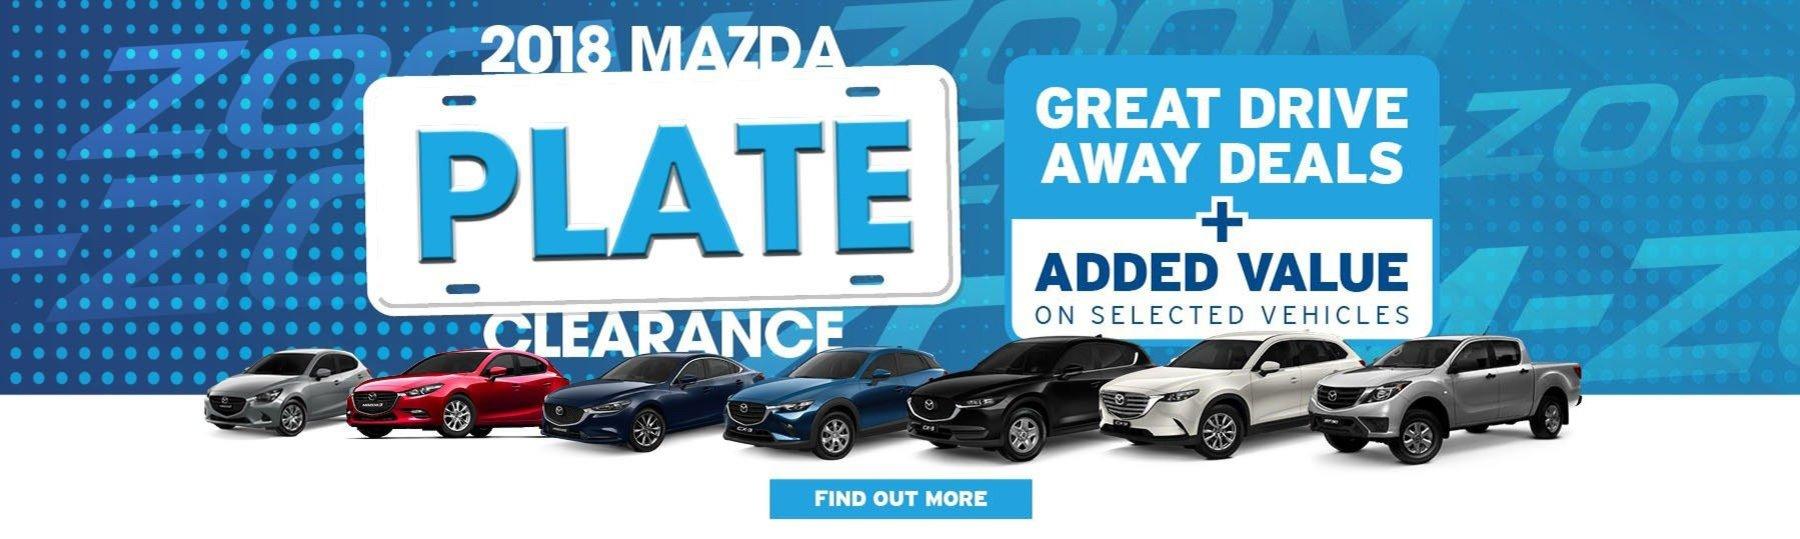 Rockdale Mazda Plate Clearance